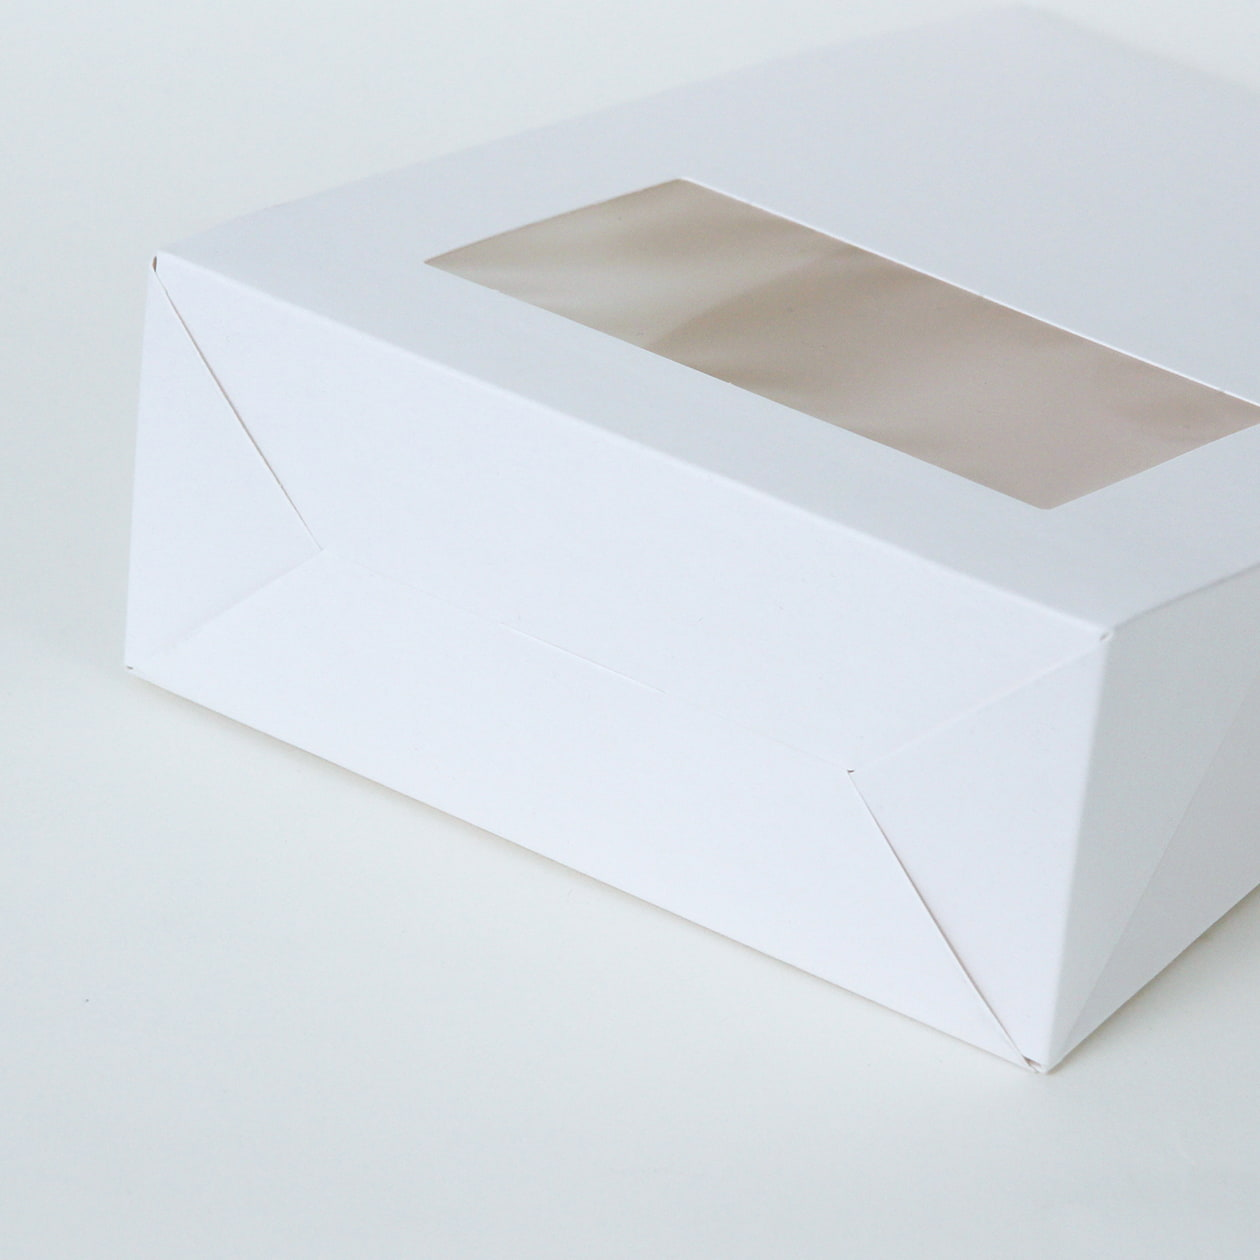 角底箱ロック式120×180×50 窓付 クラウド 261.6g